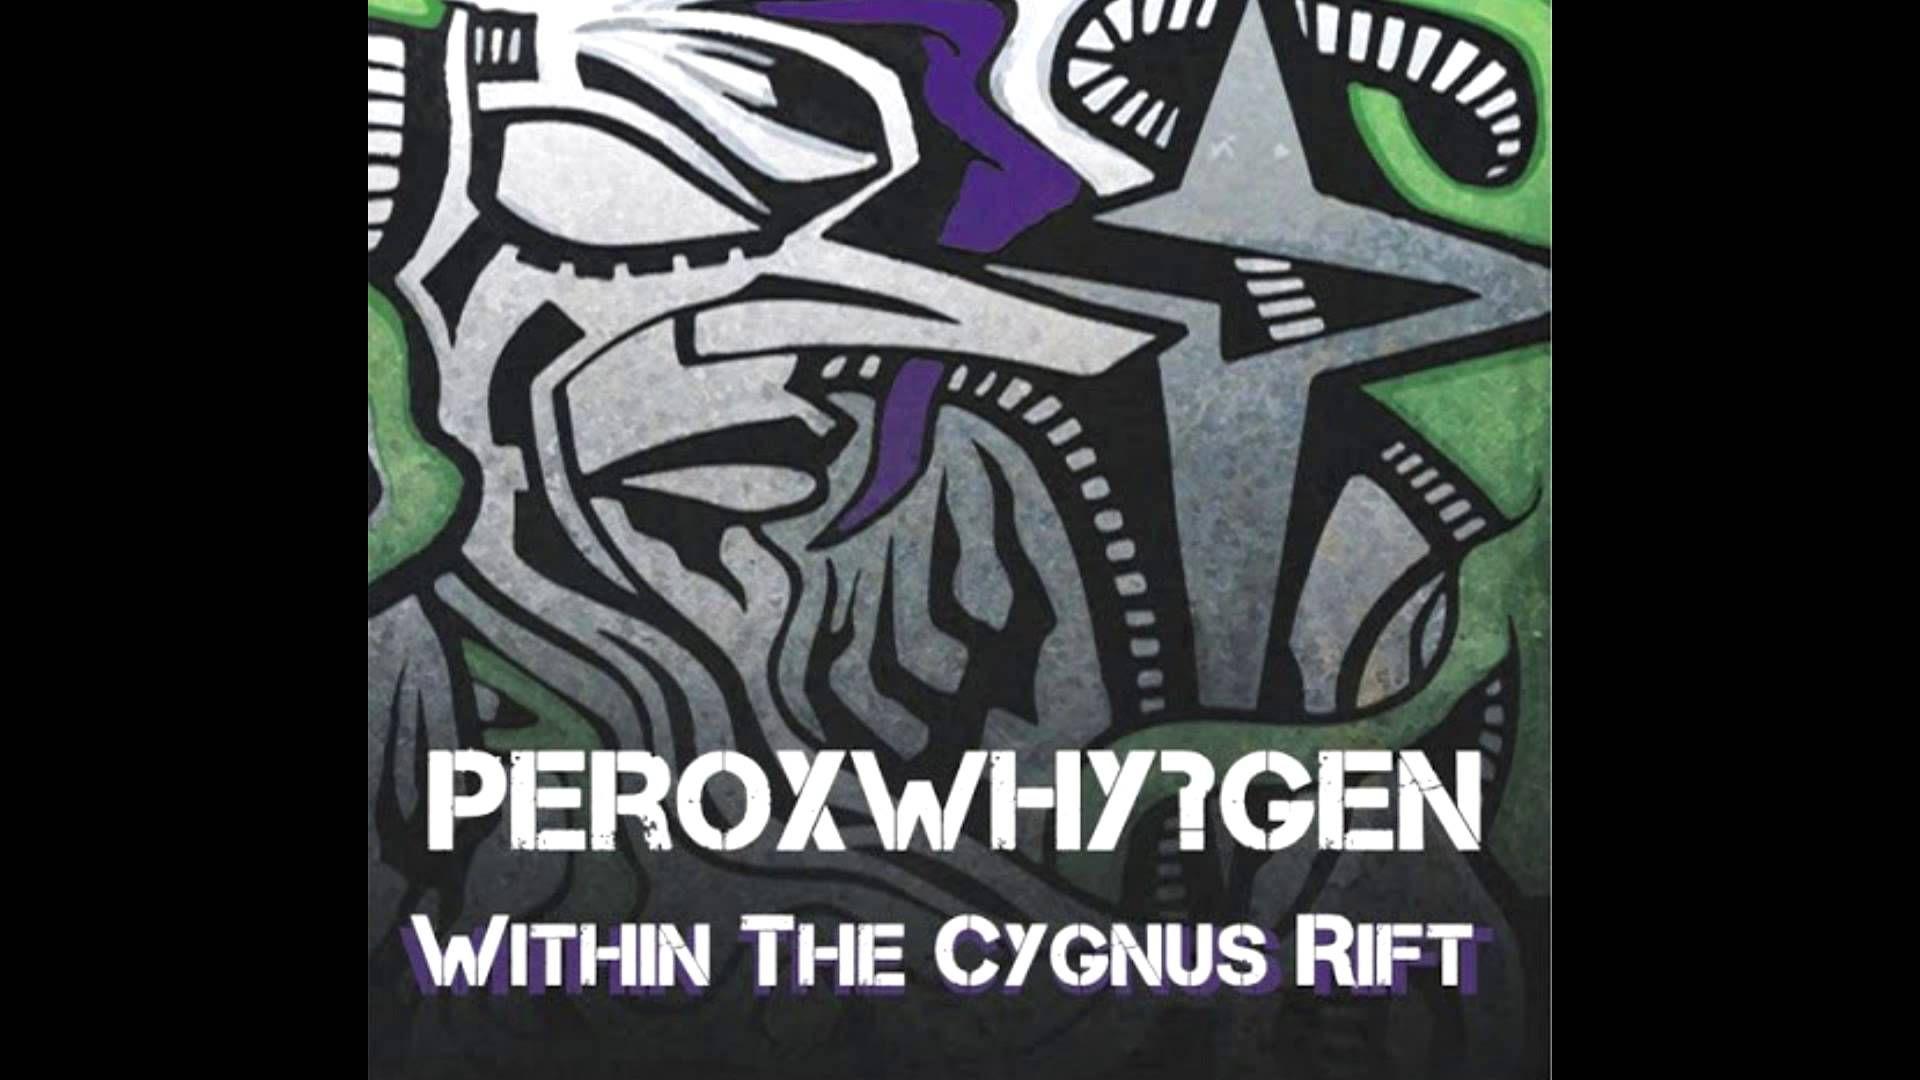 peroxwhy gen reptilian mp3